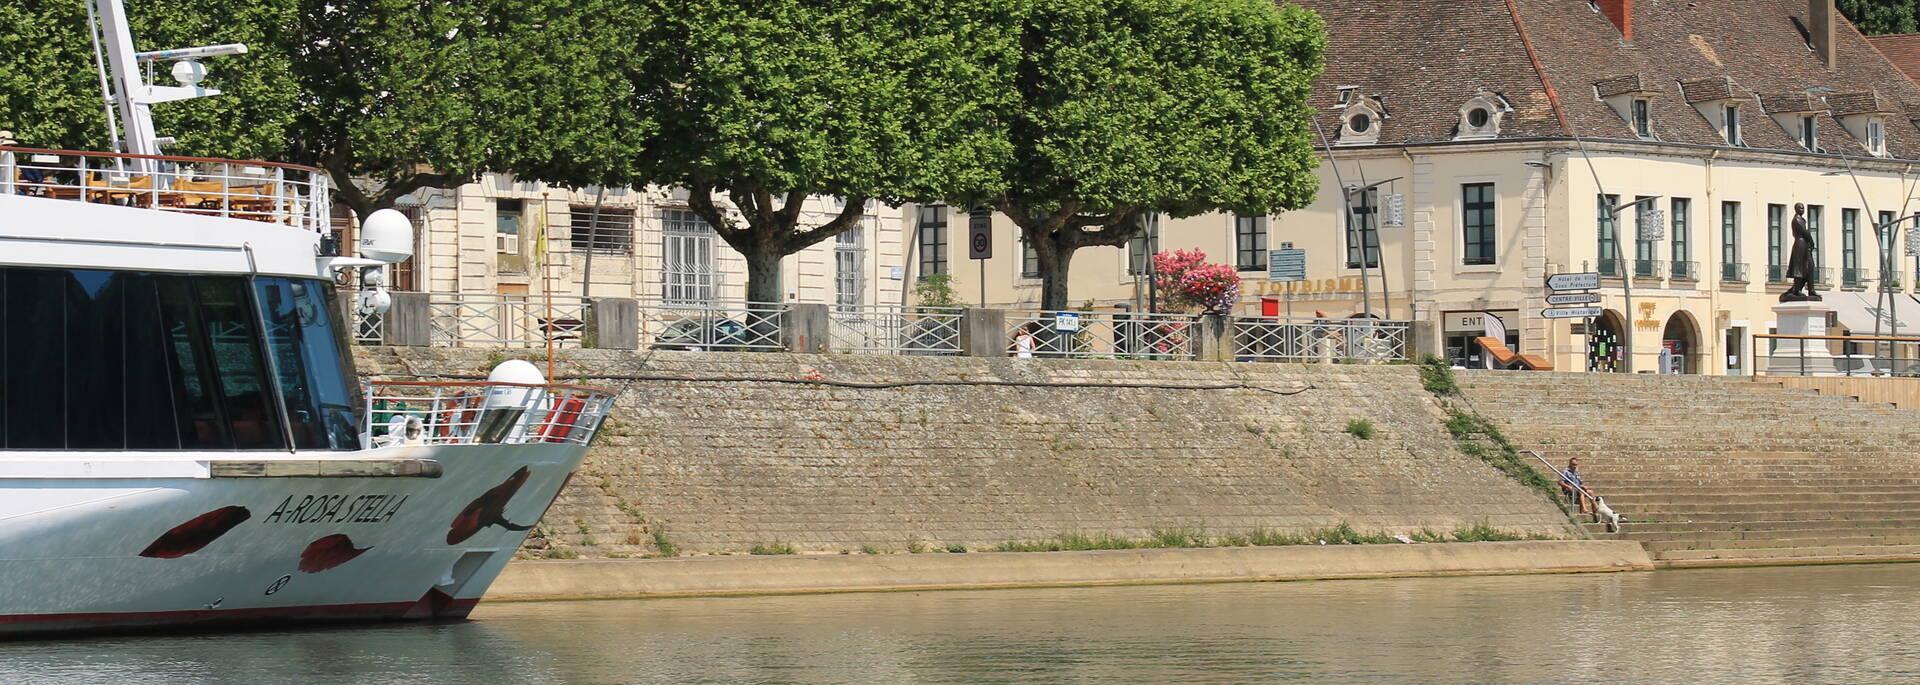 Départ croisières Chalon sur Saône Office de Tourisme